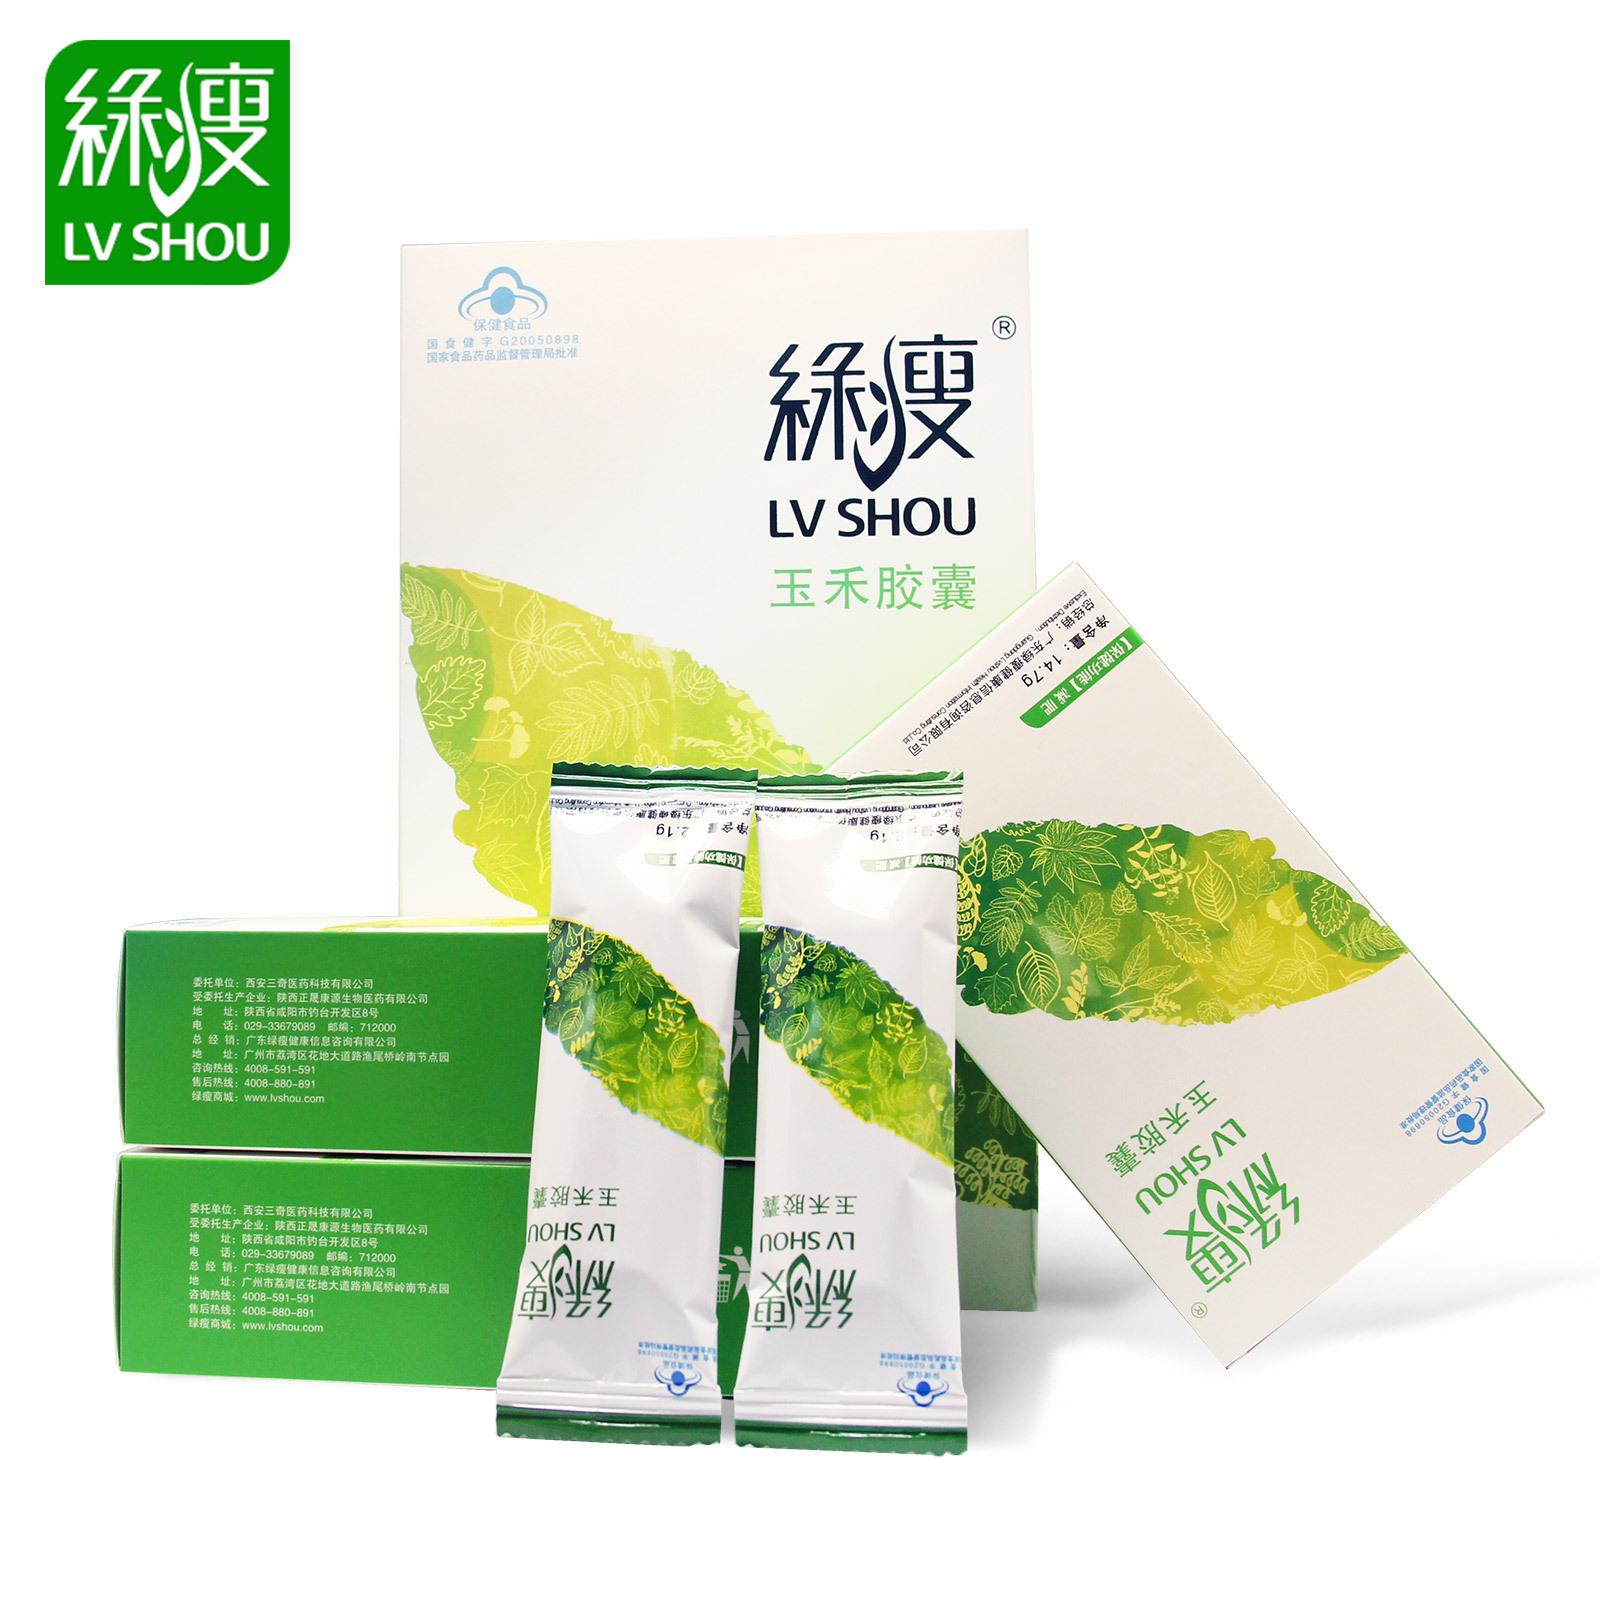 绿瘦R玉禾胶囊0.35g/粒*6粒/板*7板/盒*3盒男女减肥瘦身官网正品